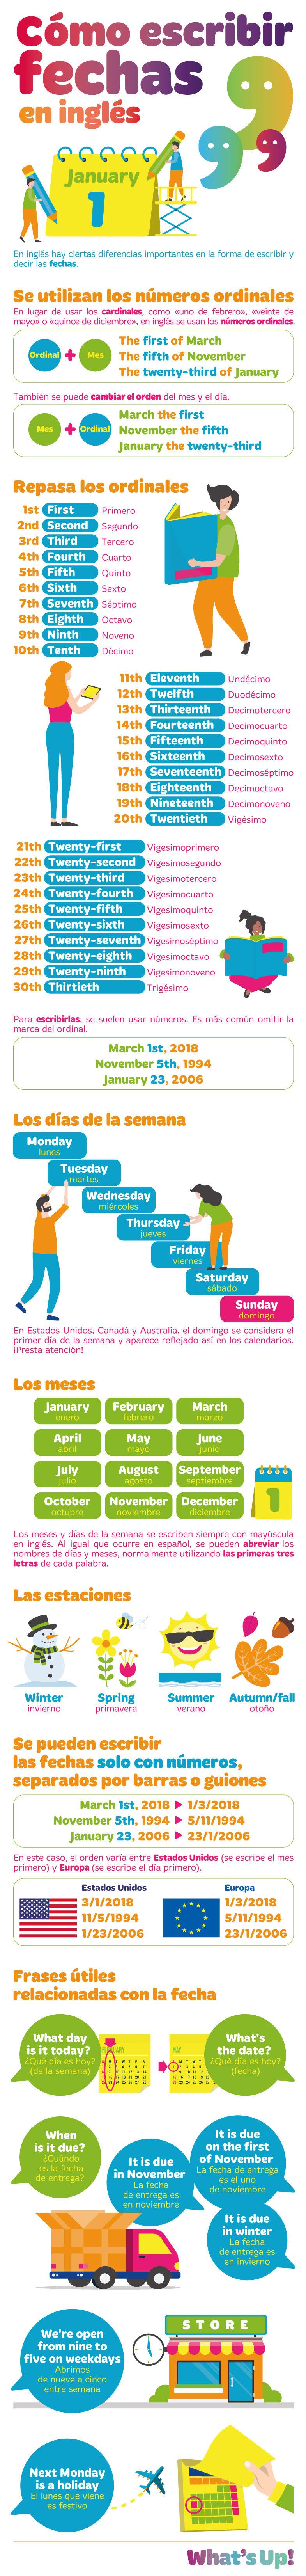 WHA - Febrero 2019 - Infografía fechas (1)